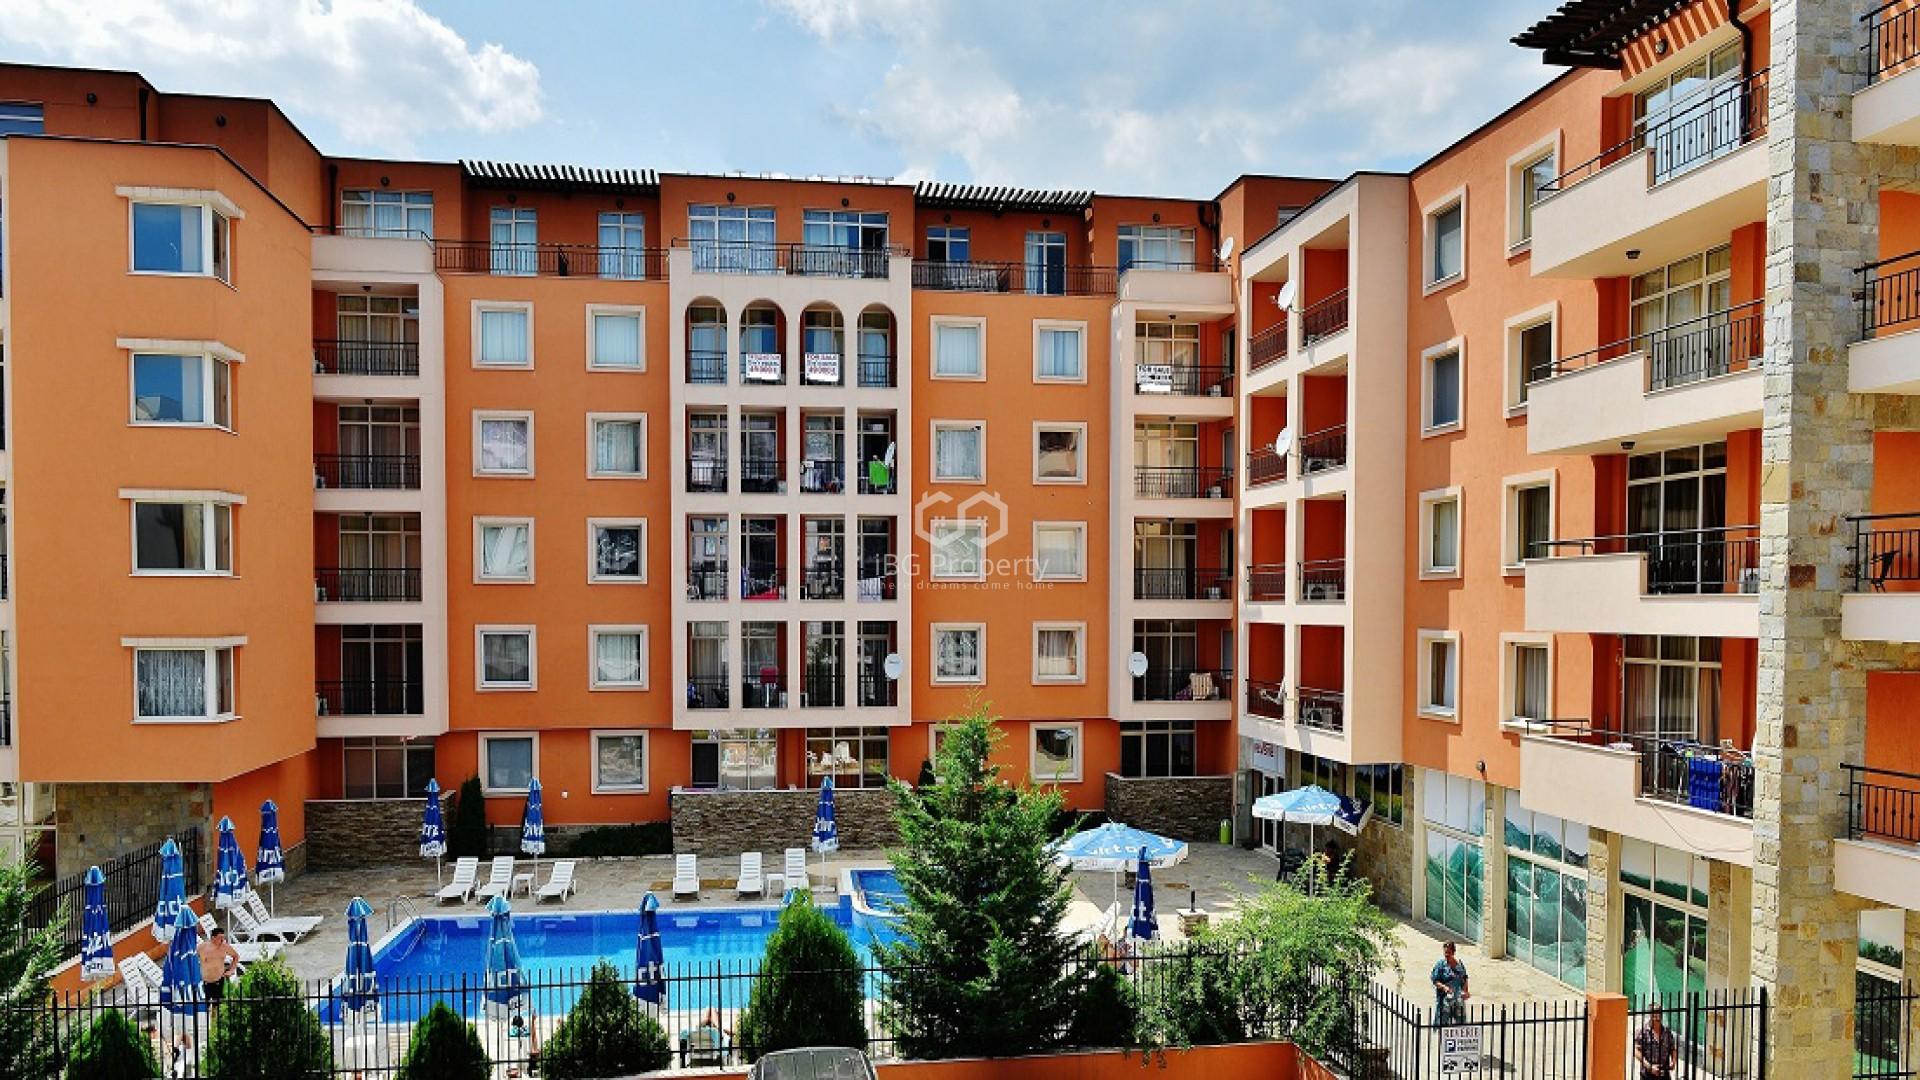 Dreizimmerwohnung in Sonnenstrand 100 m2